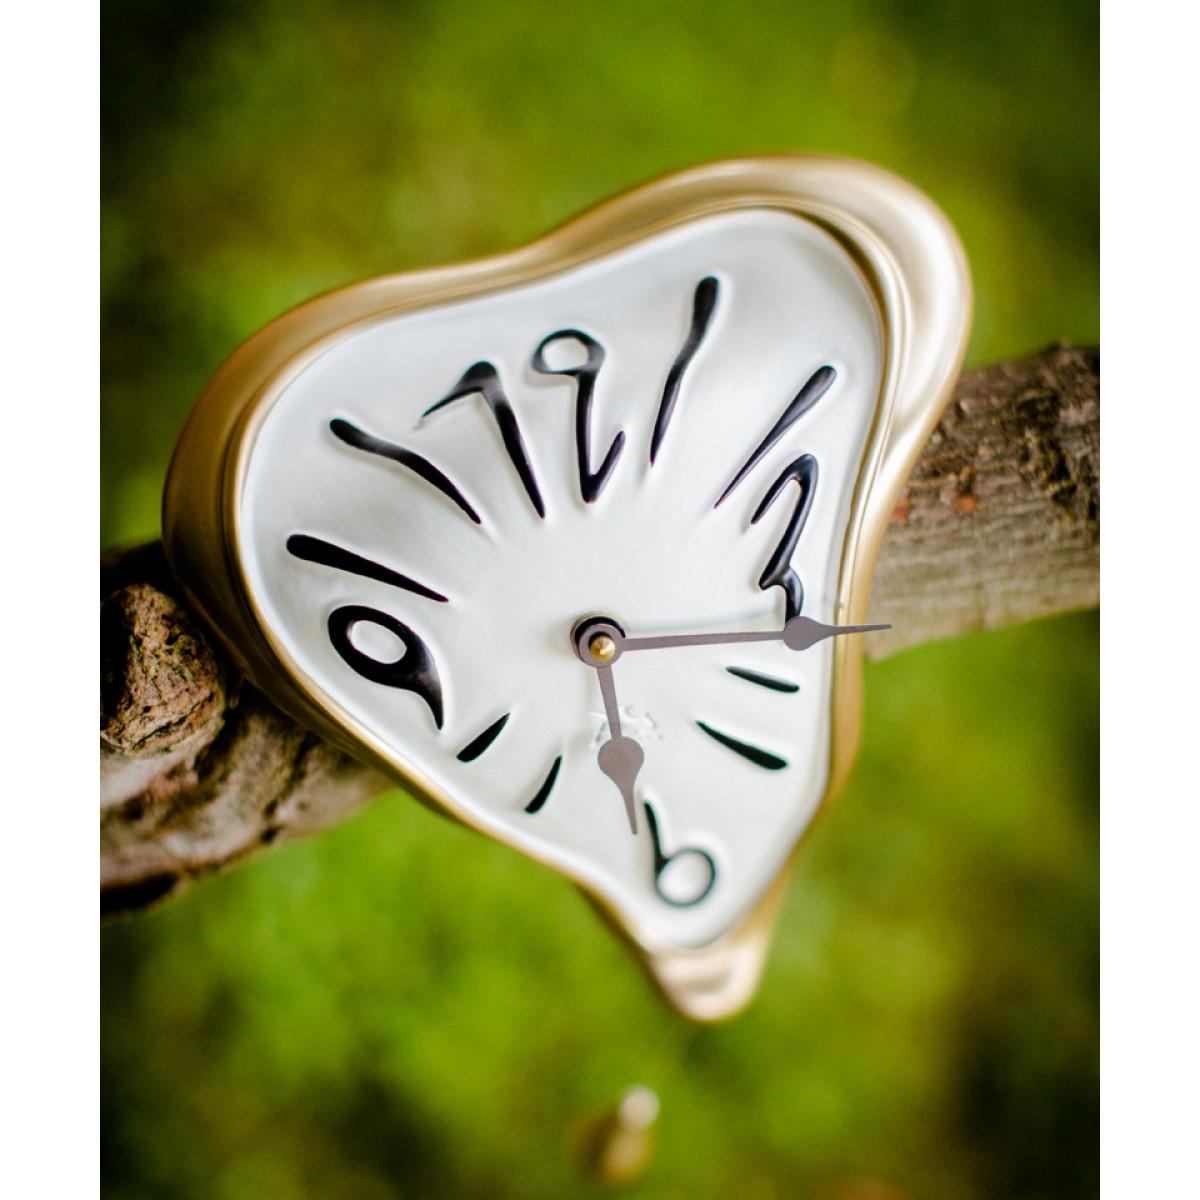 ceas perete dali